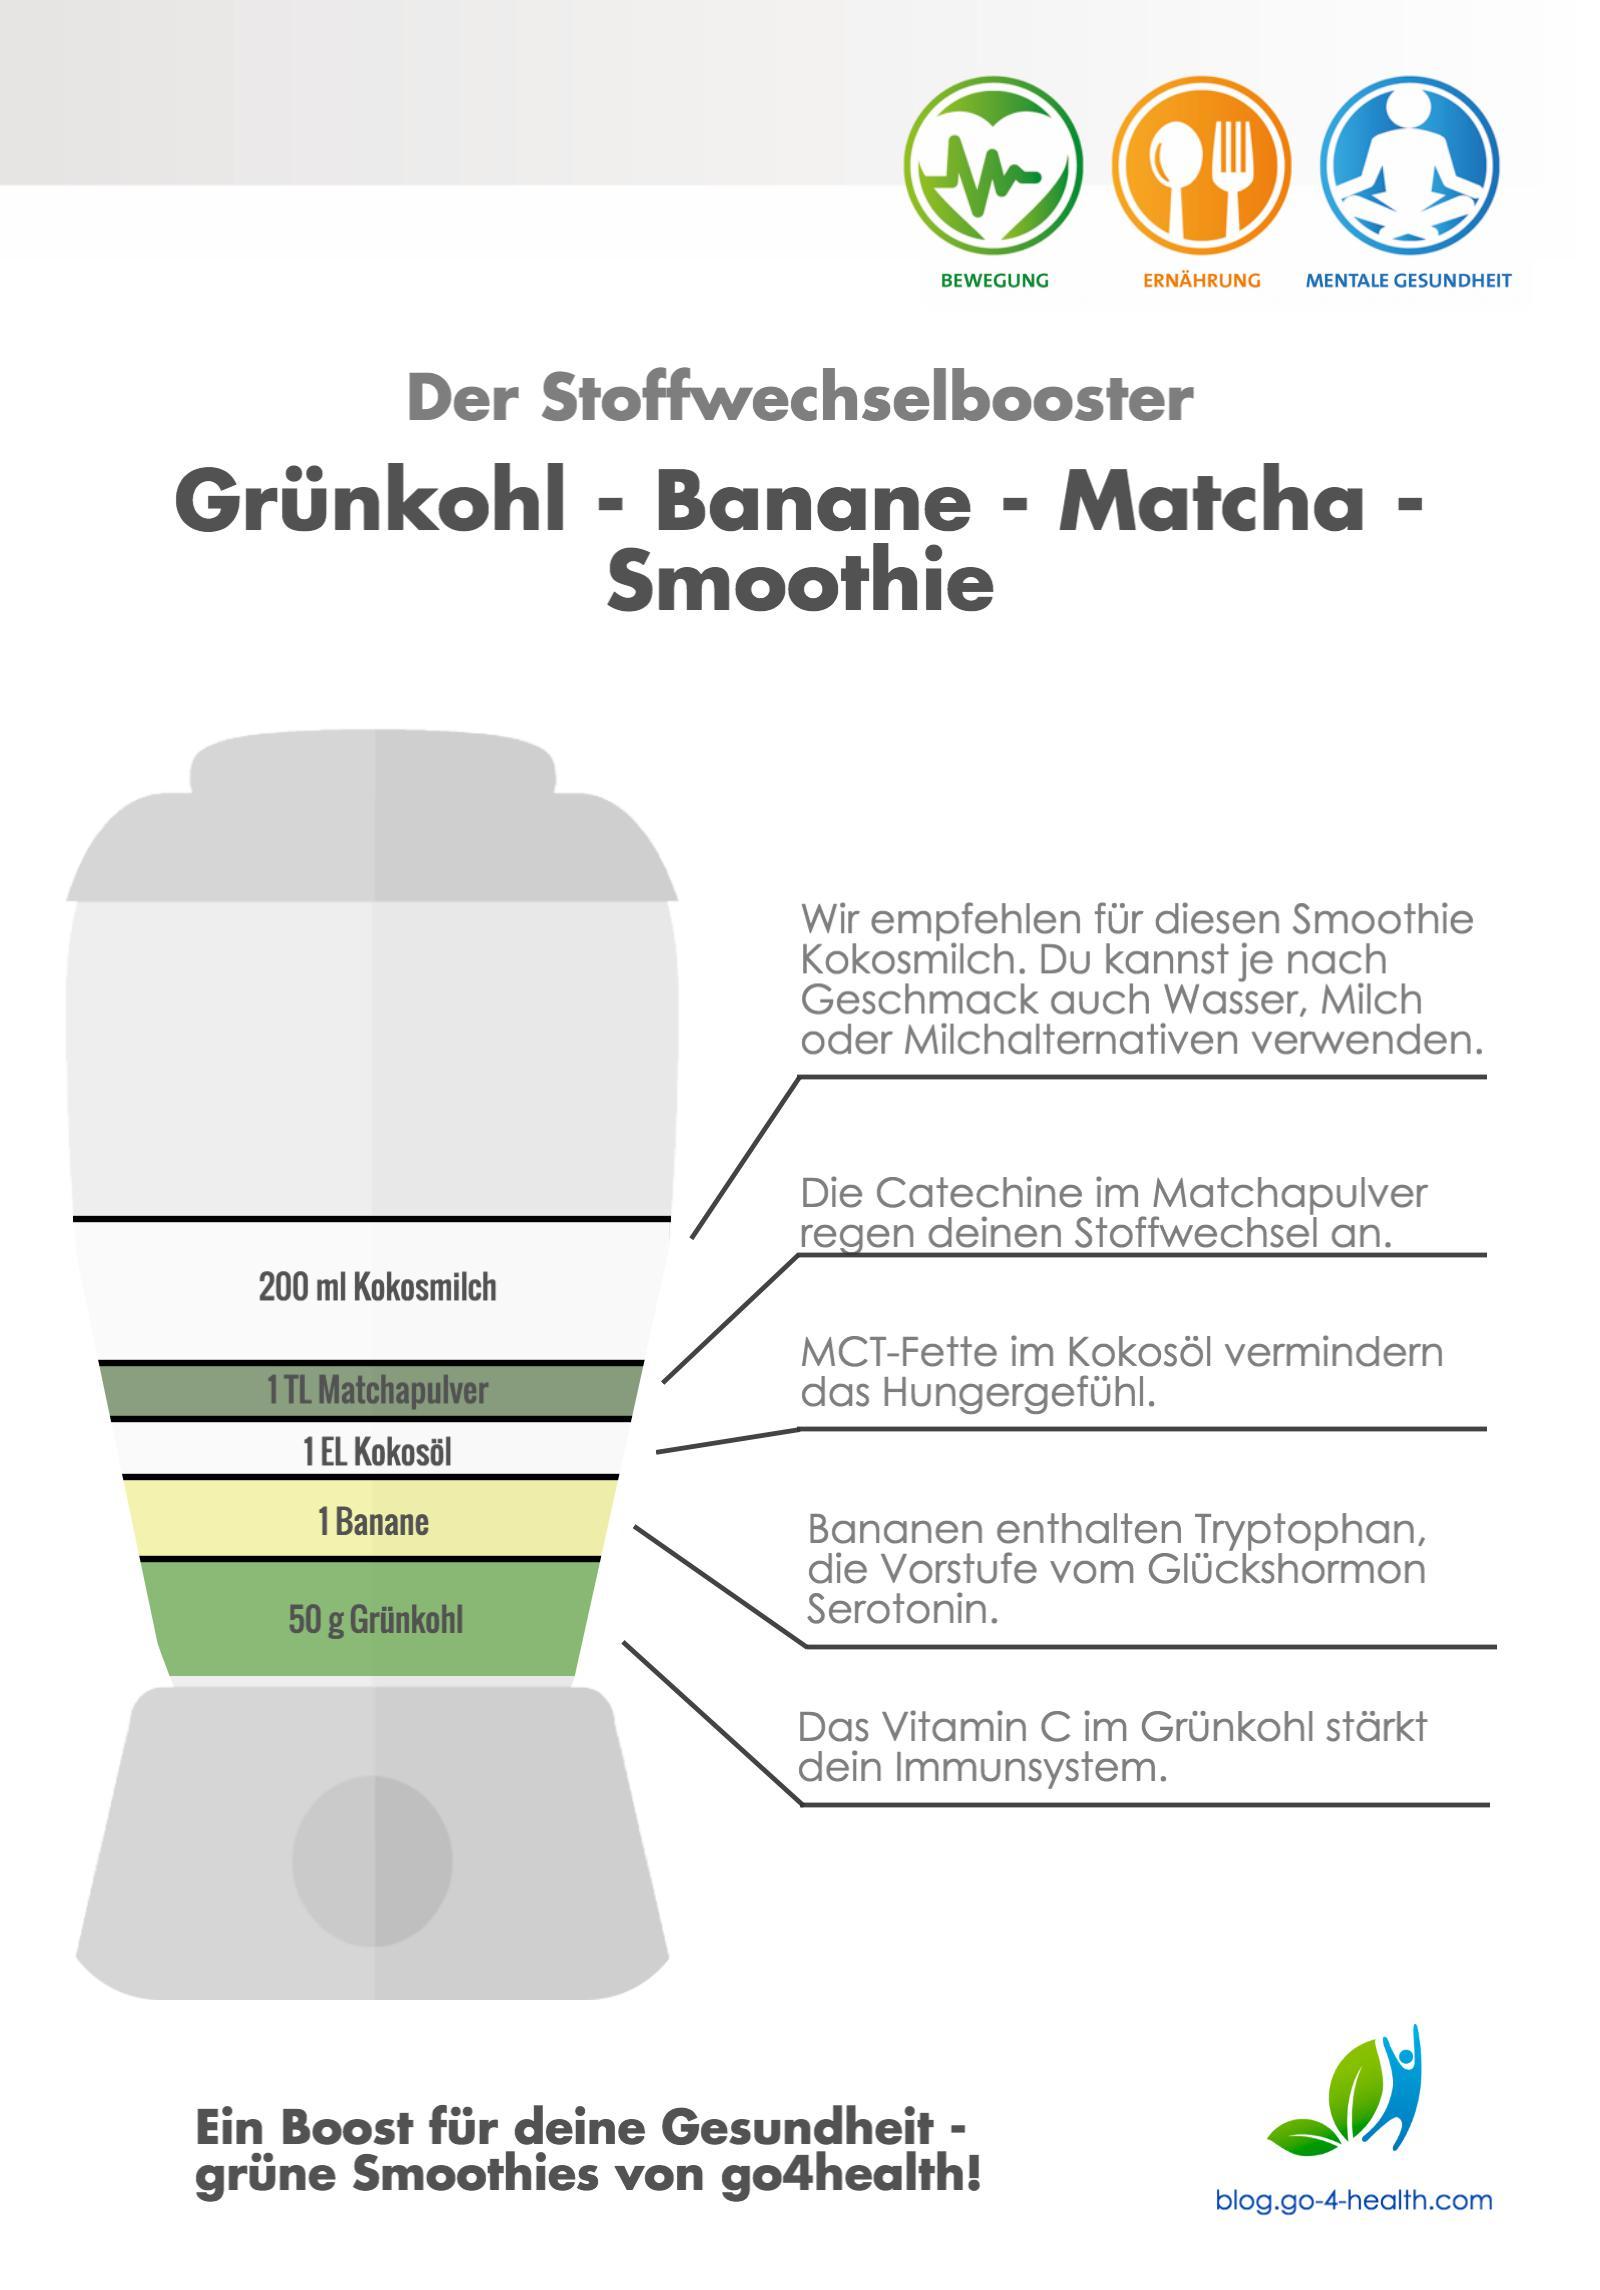 Dieser Grüne Smoothie enthält Grünkohl, Banane und Matcha und regt deinen Stoffwechsel an